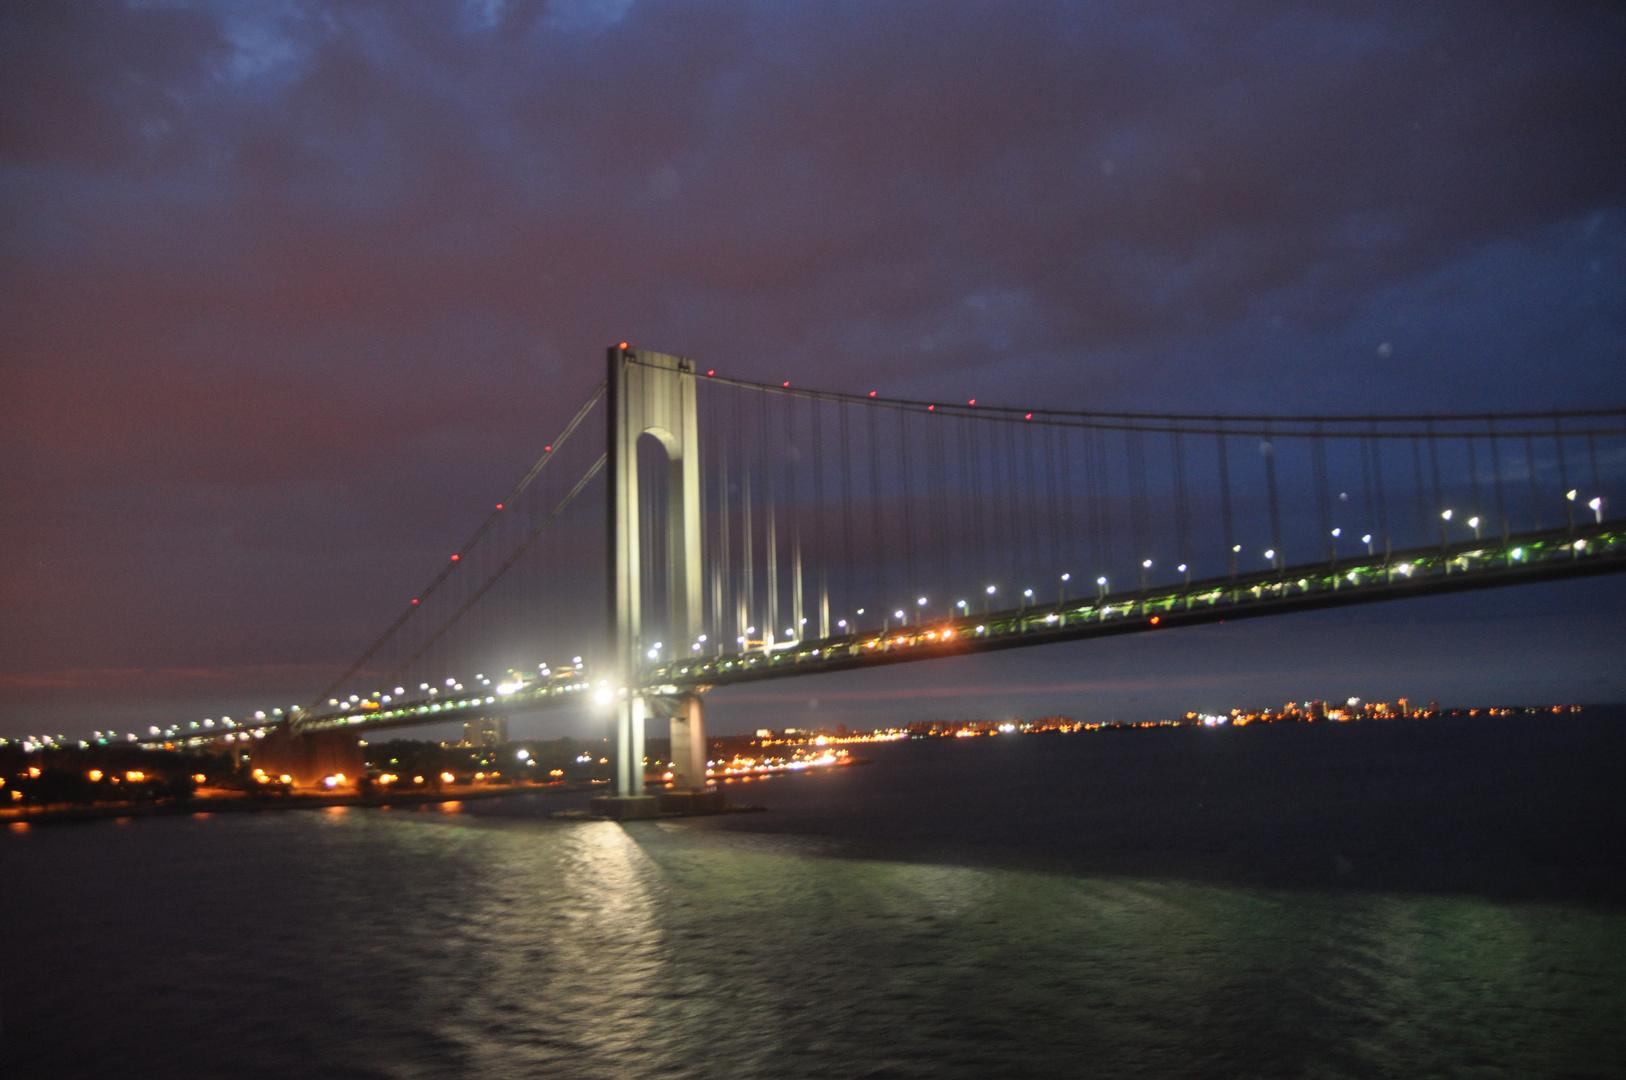 Brücke in New York bei Nacht